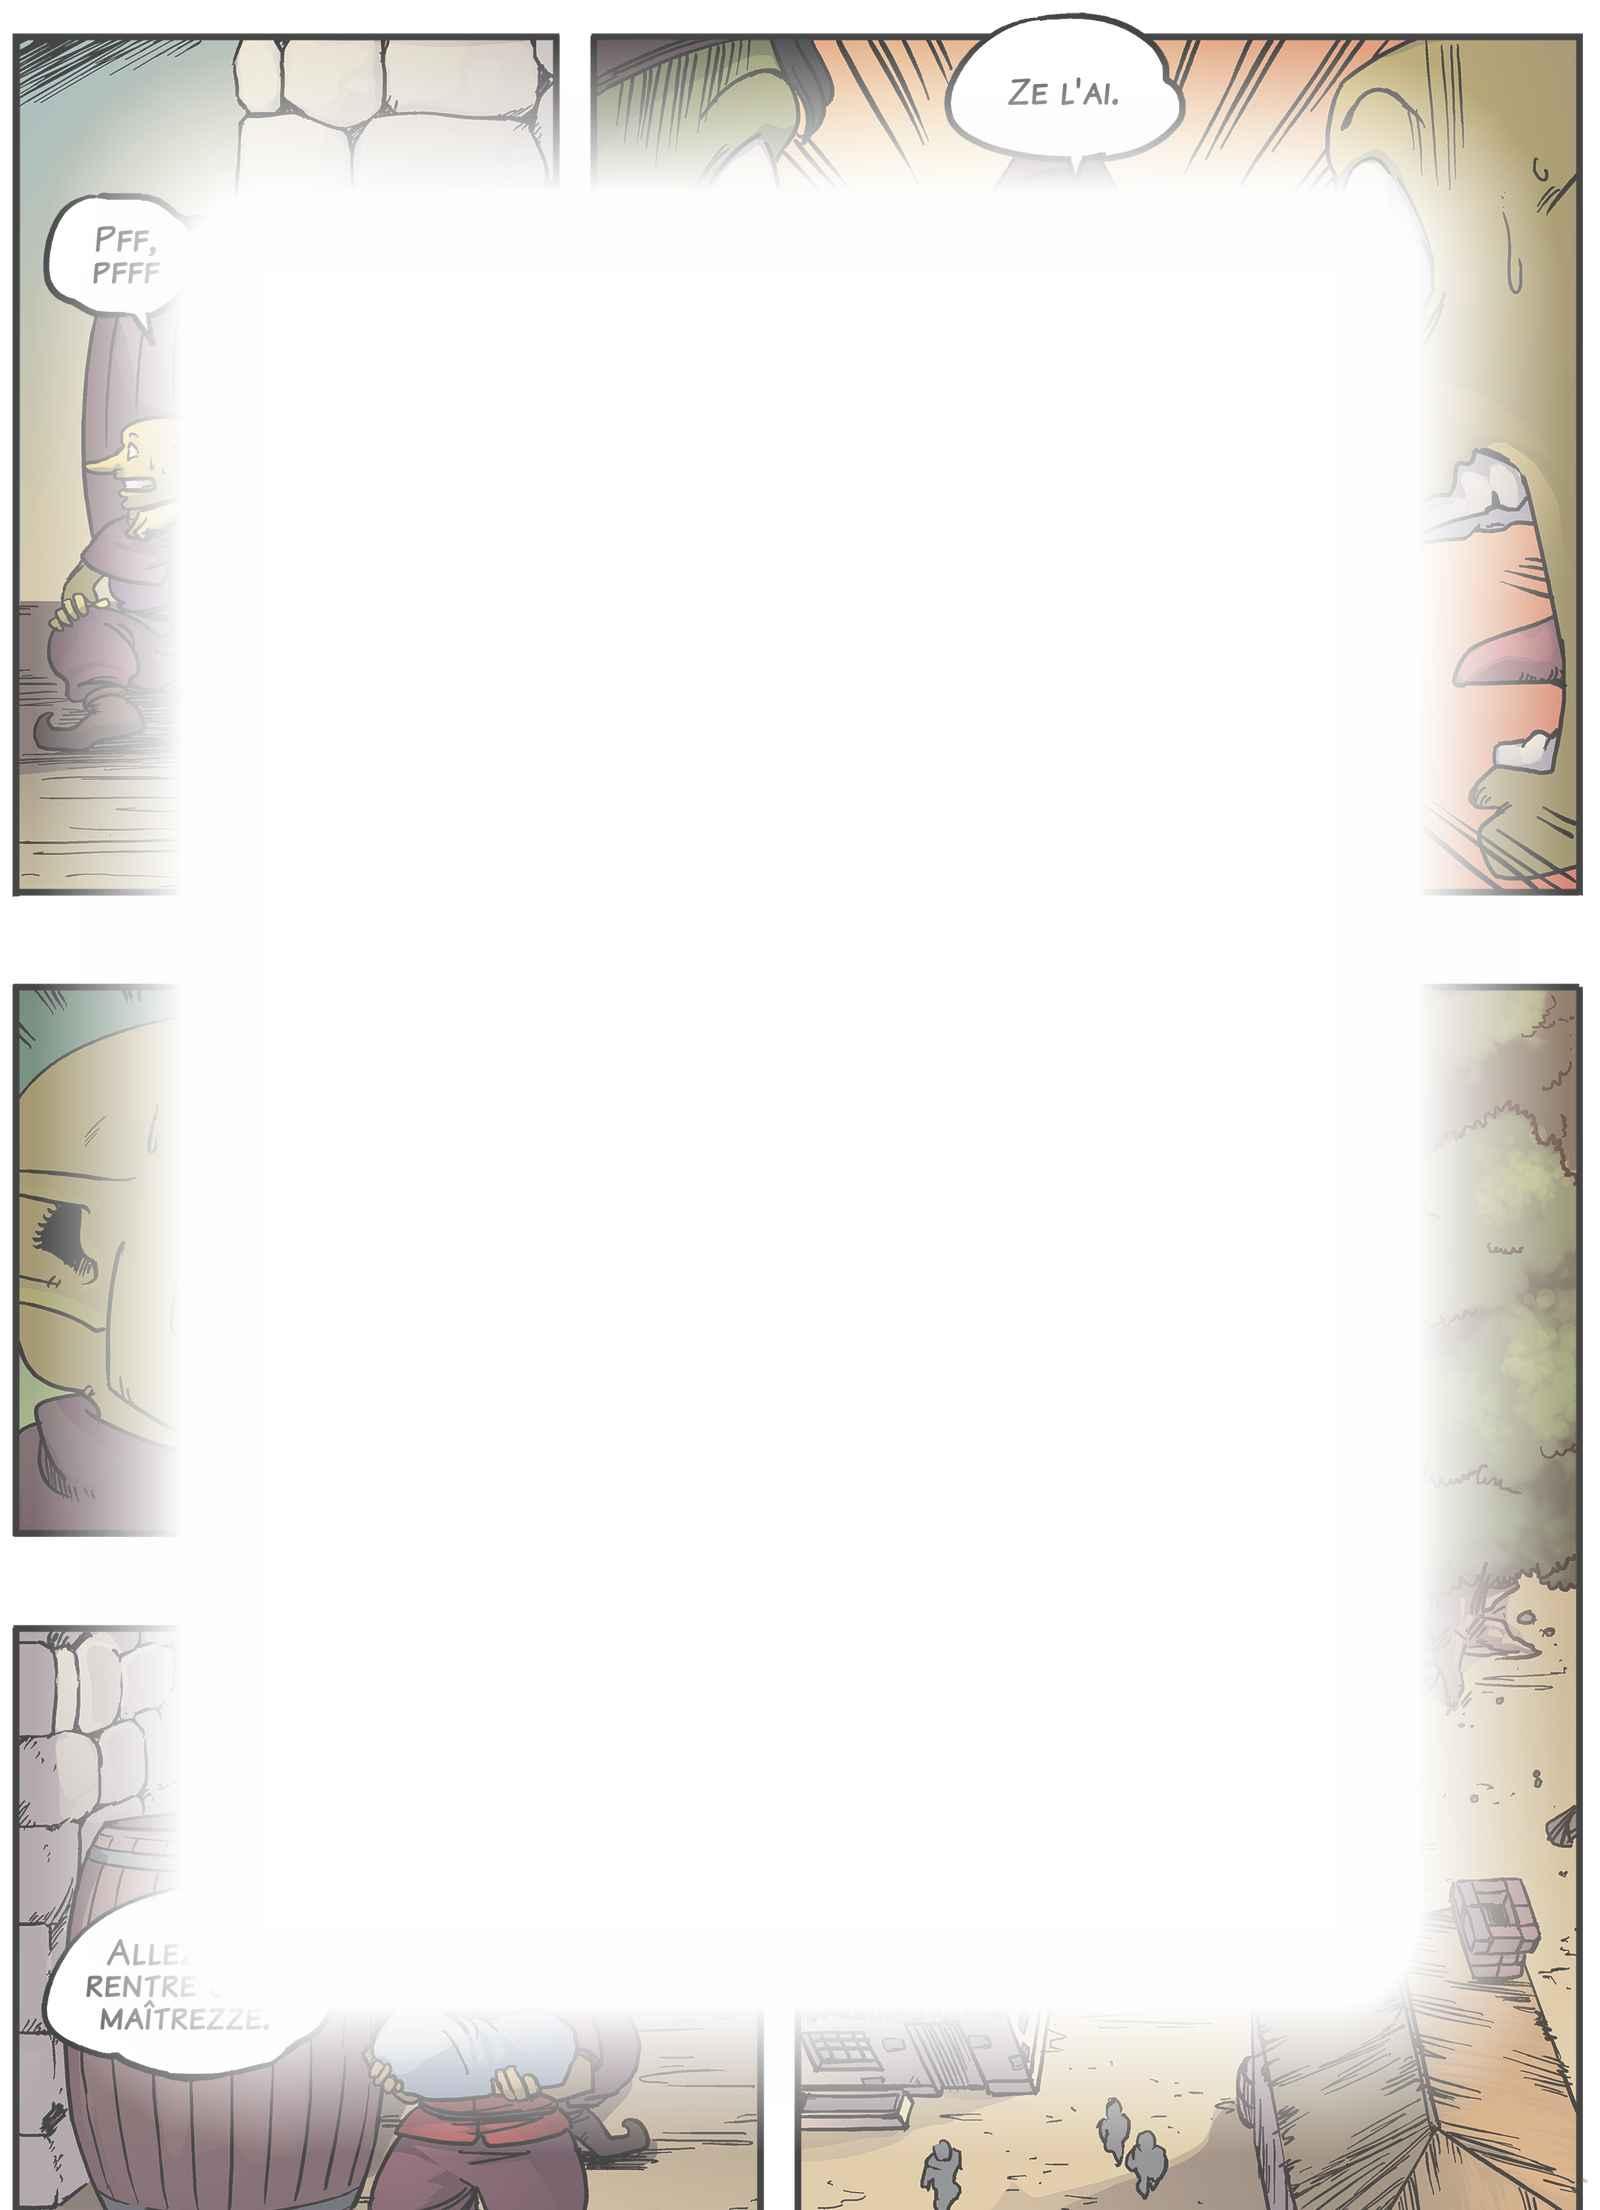 Hémisphères : Chapitre 9 page 4